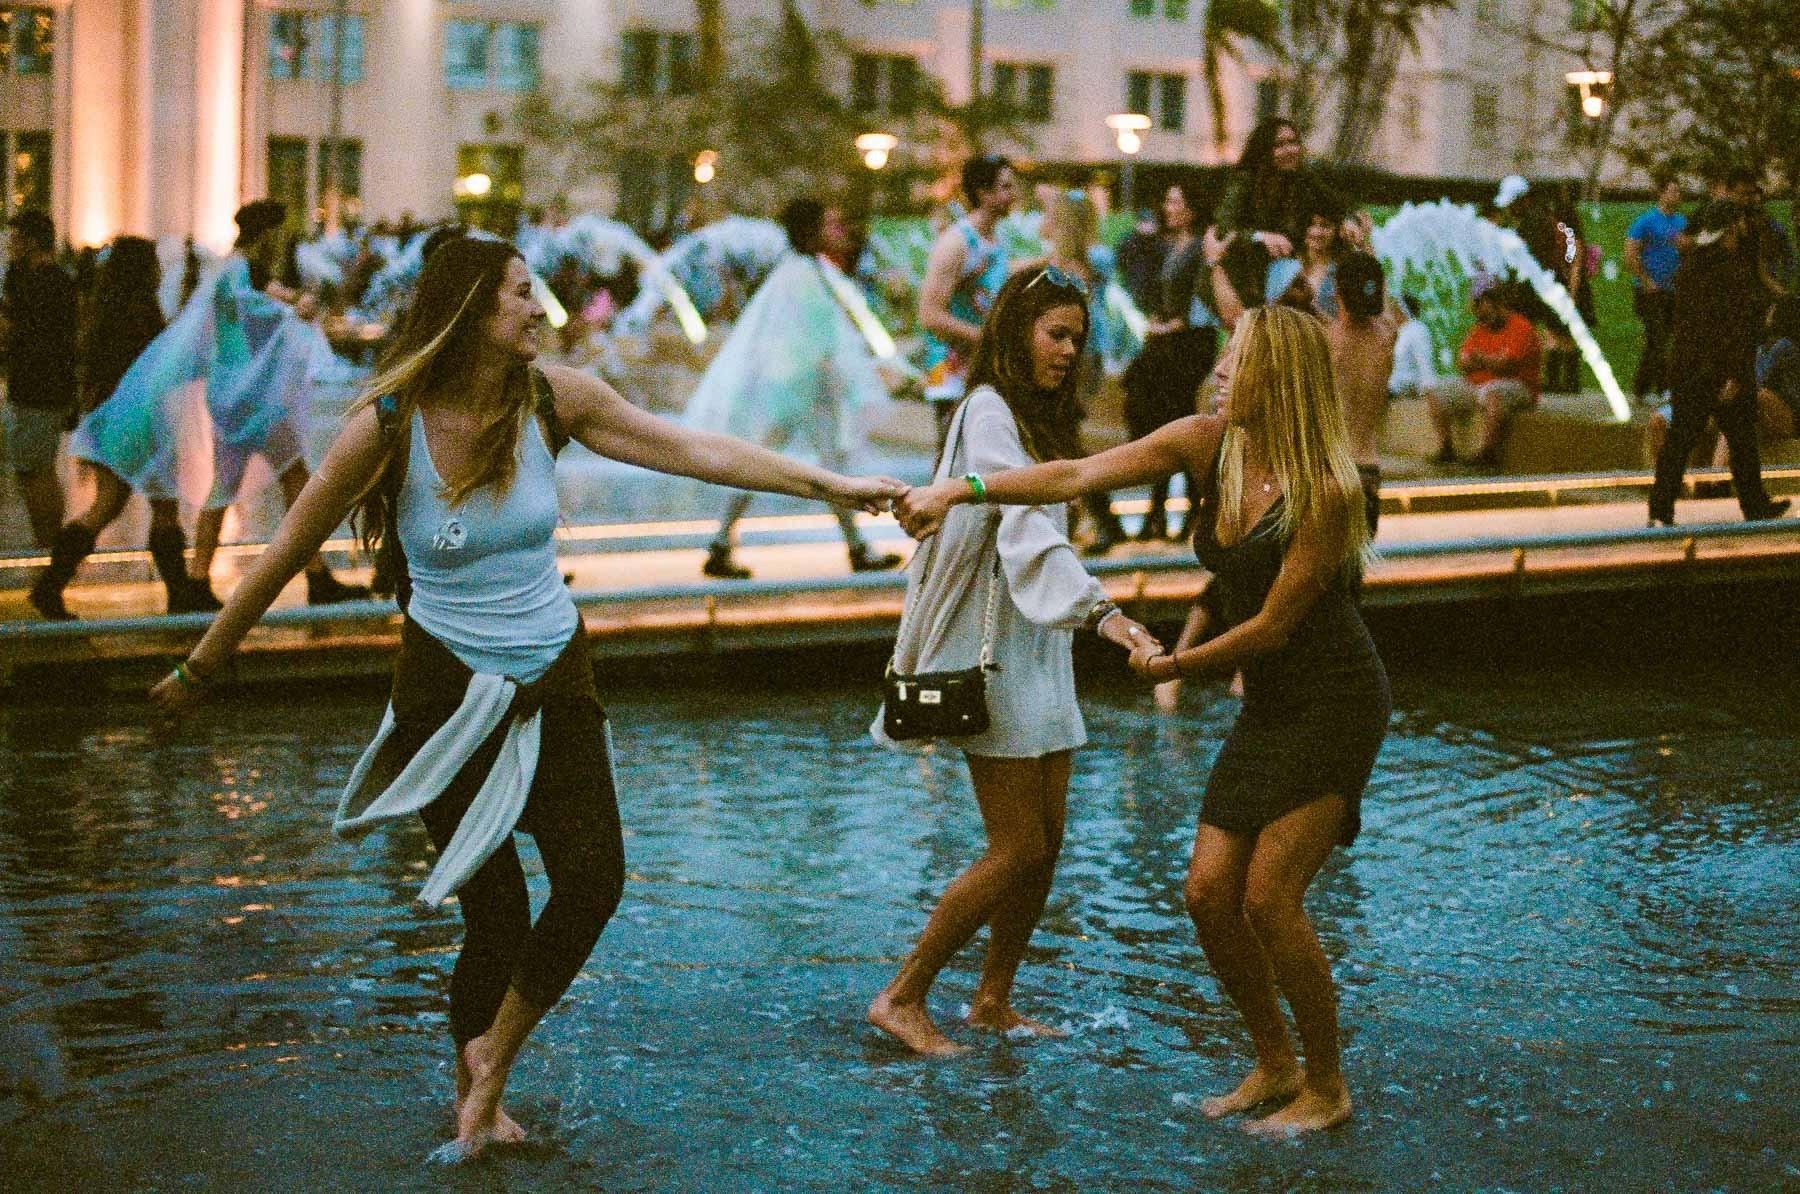 Crssd_Festival_Spring_2016 (45 of 47).jpg